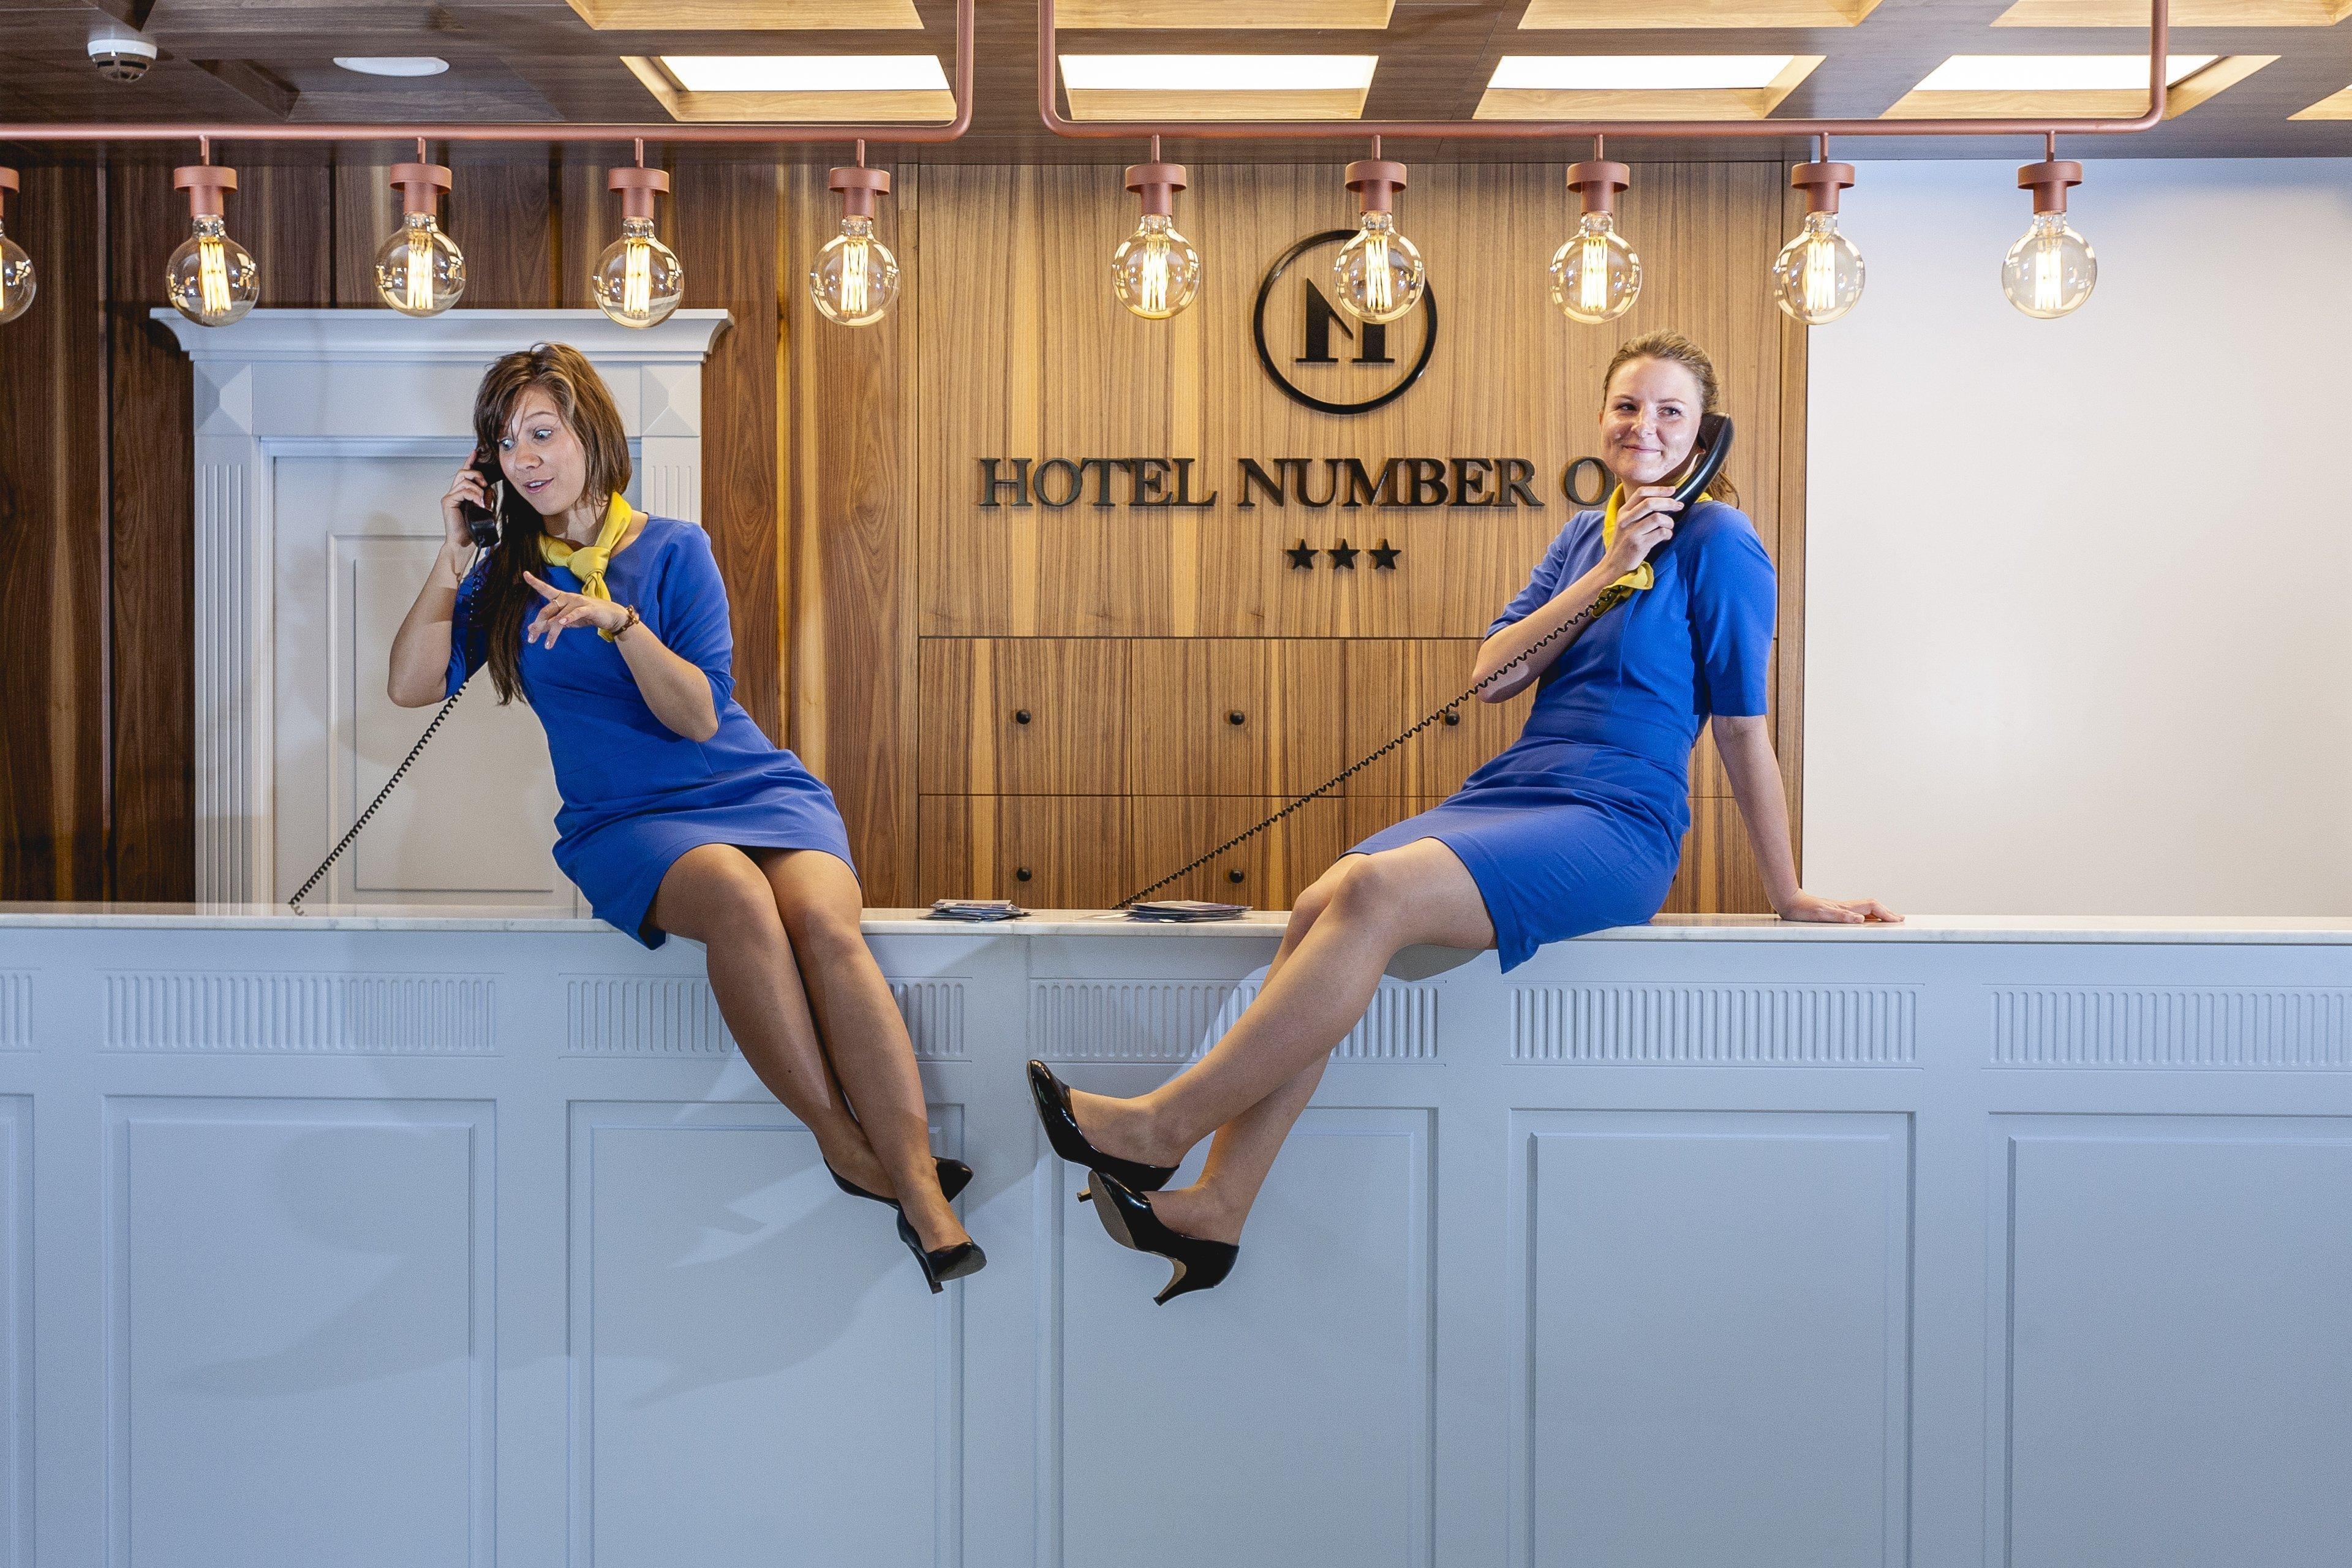 Recepcja Hotelu Number One